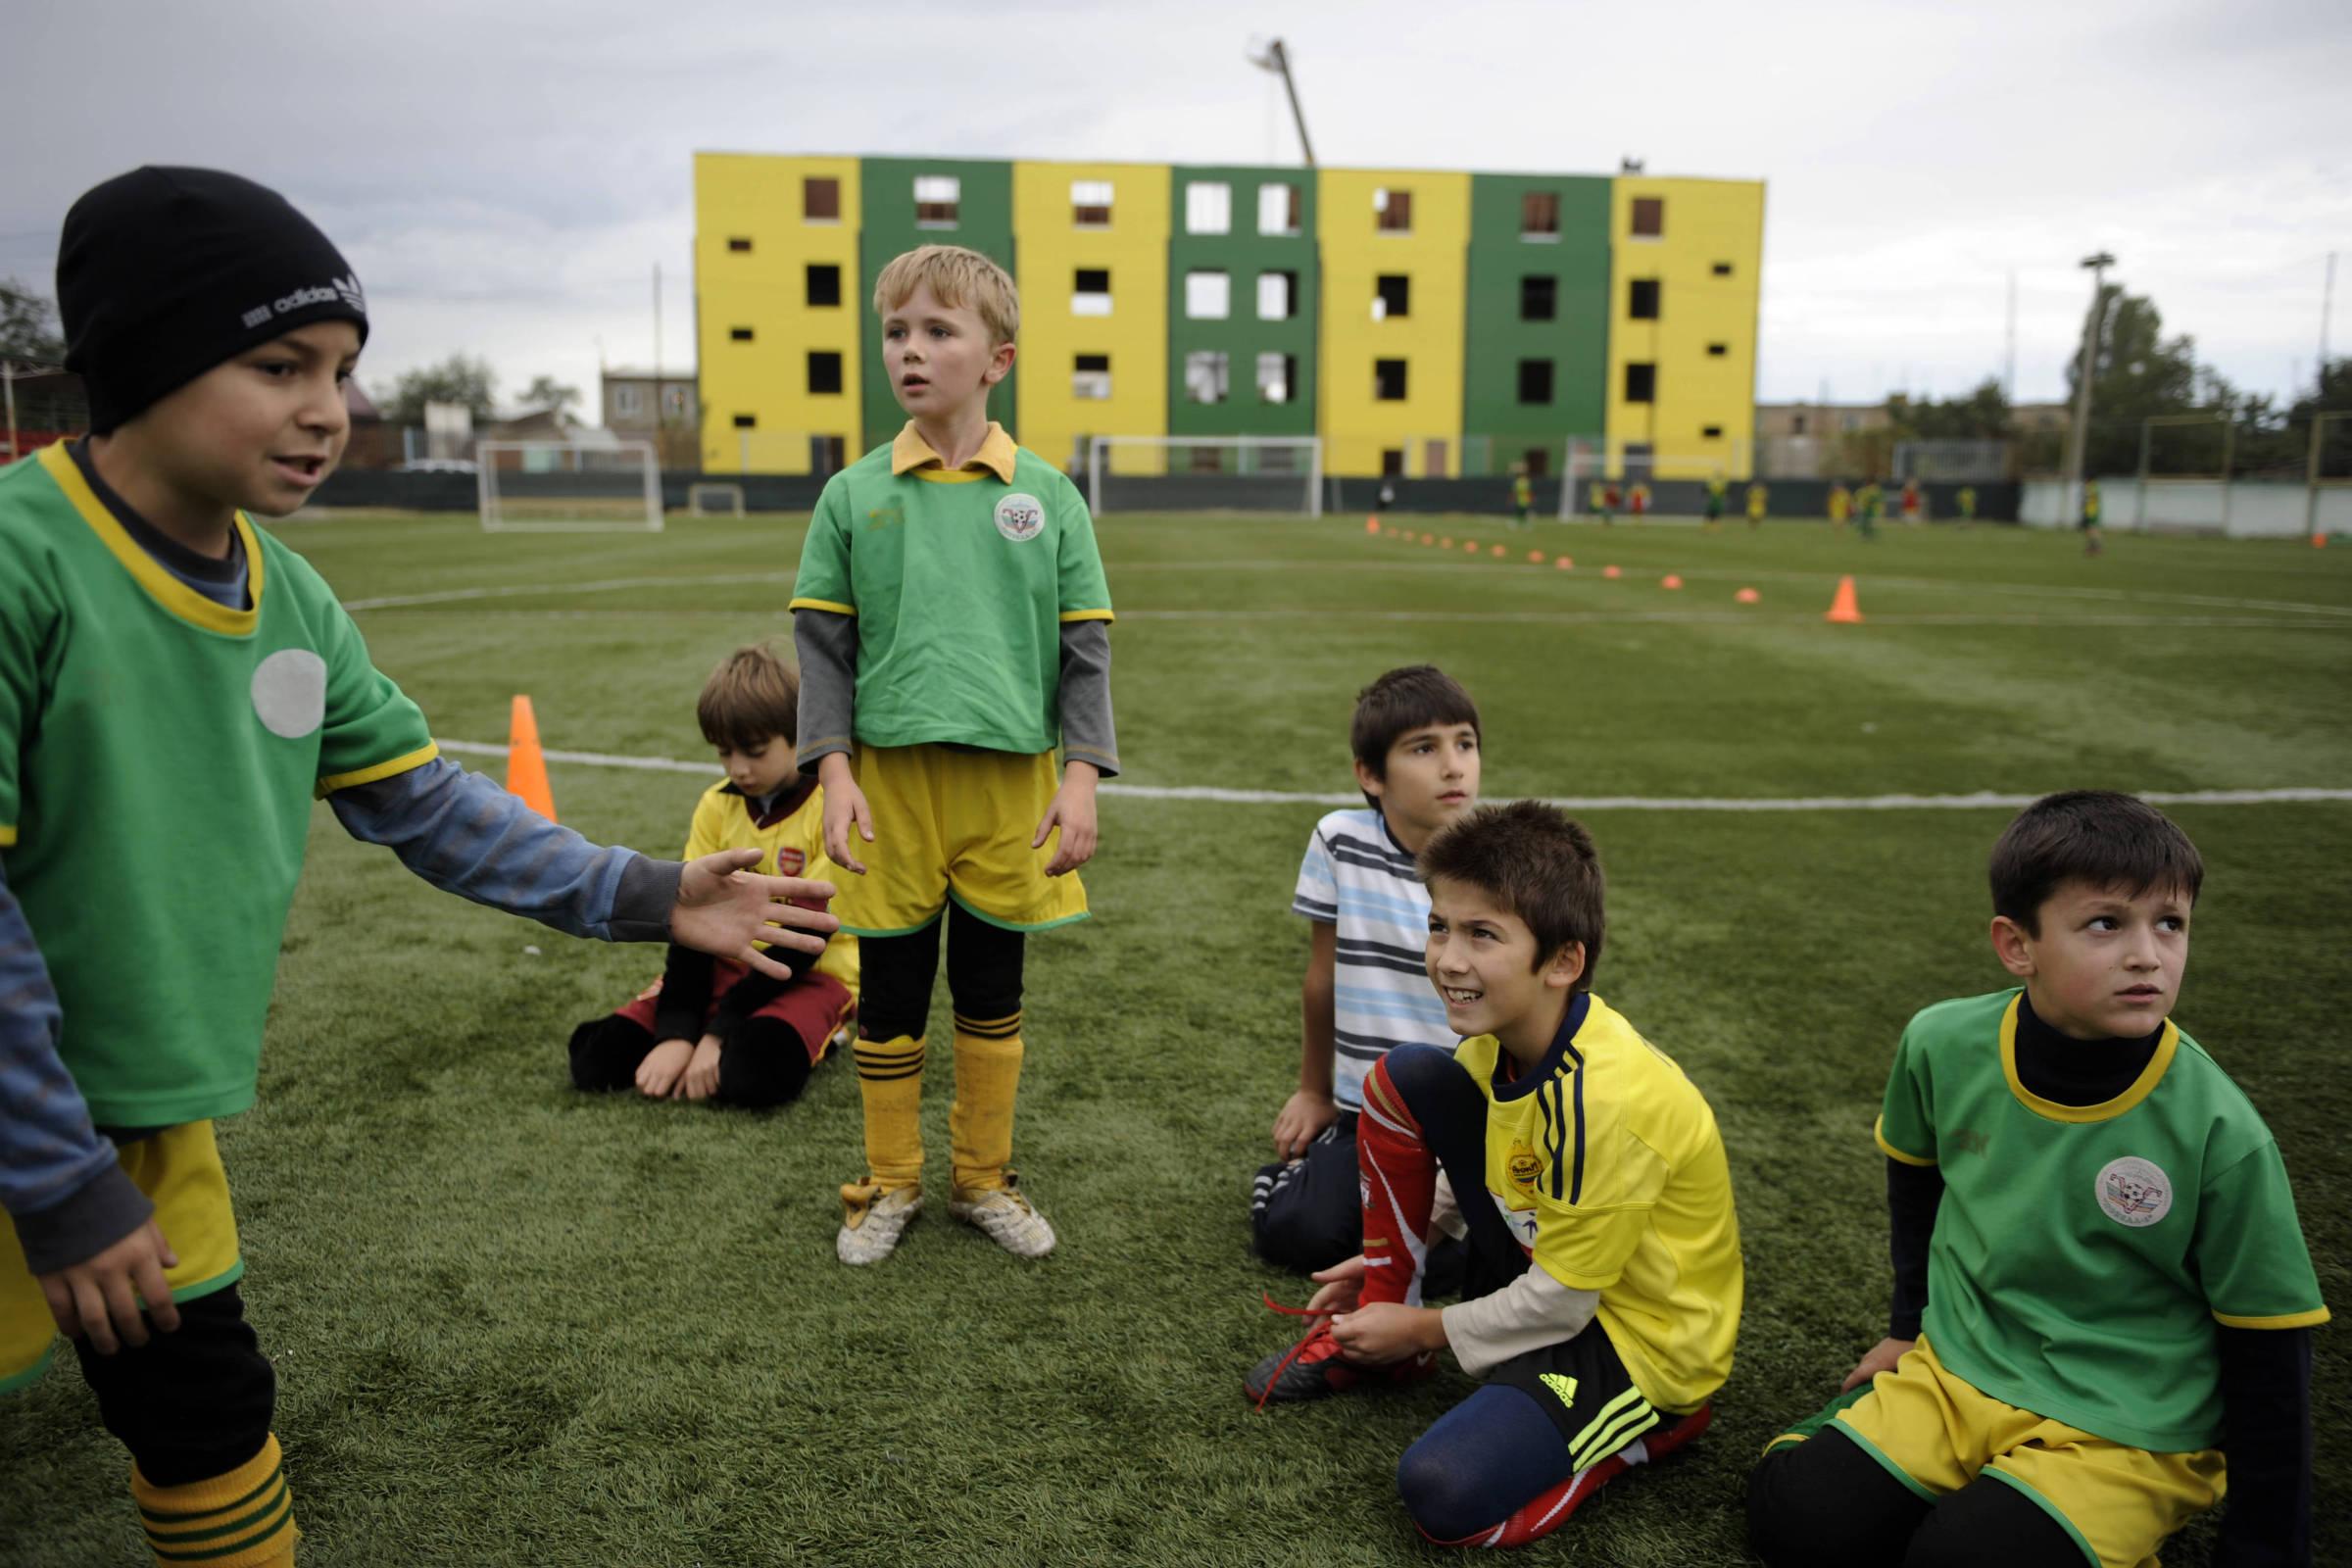 Escolinha de futebol salva meninos russos cobiçados pelo Estado Islâmico -  11 06 2018 - Esporte - Folha 213866c0770f3